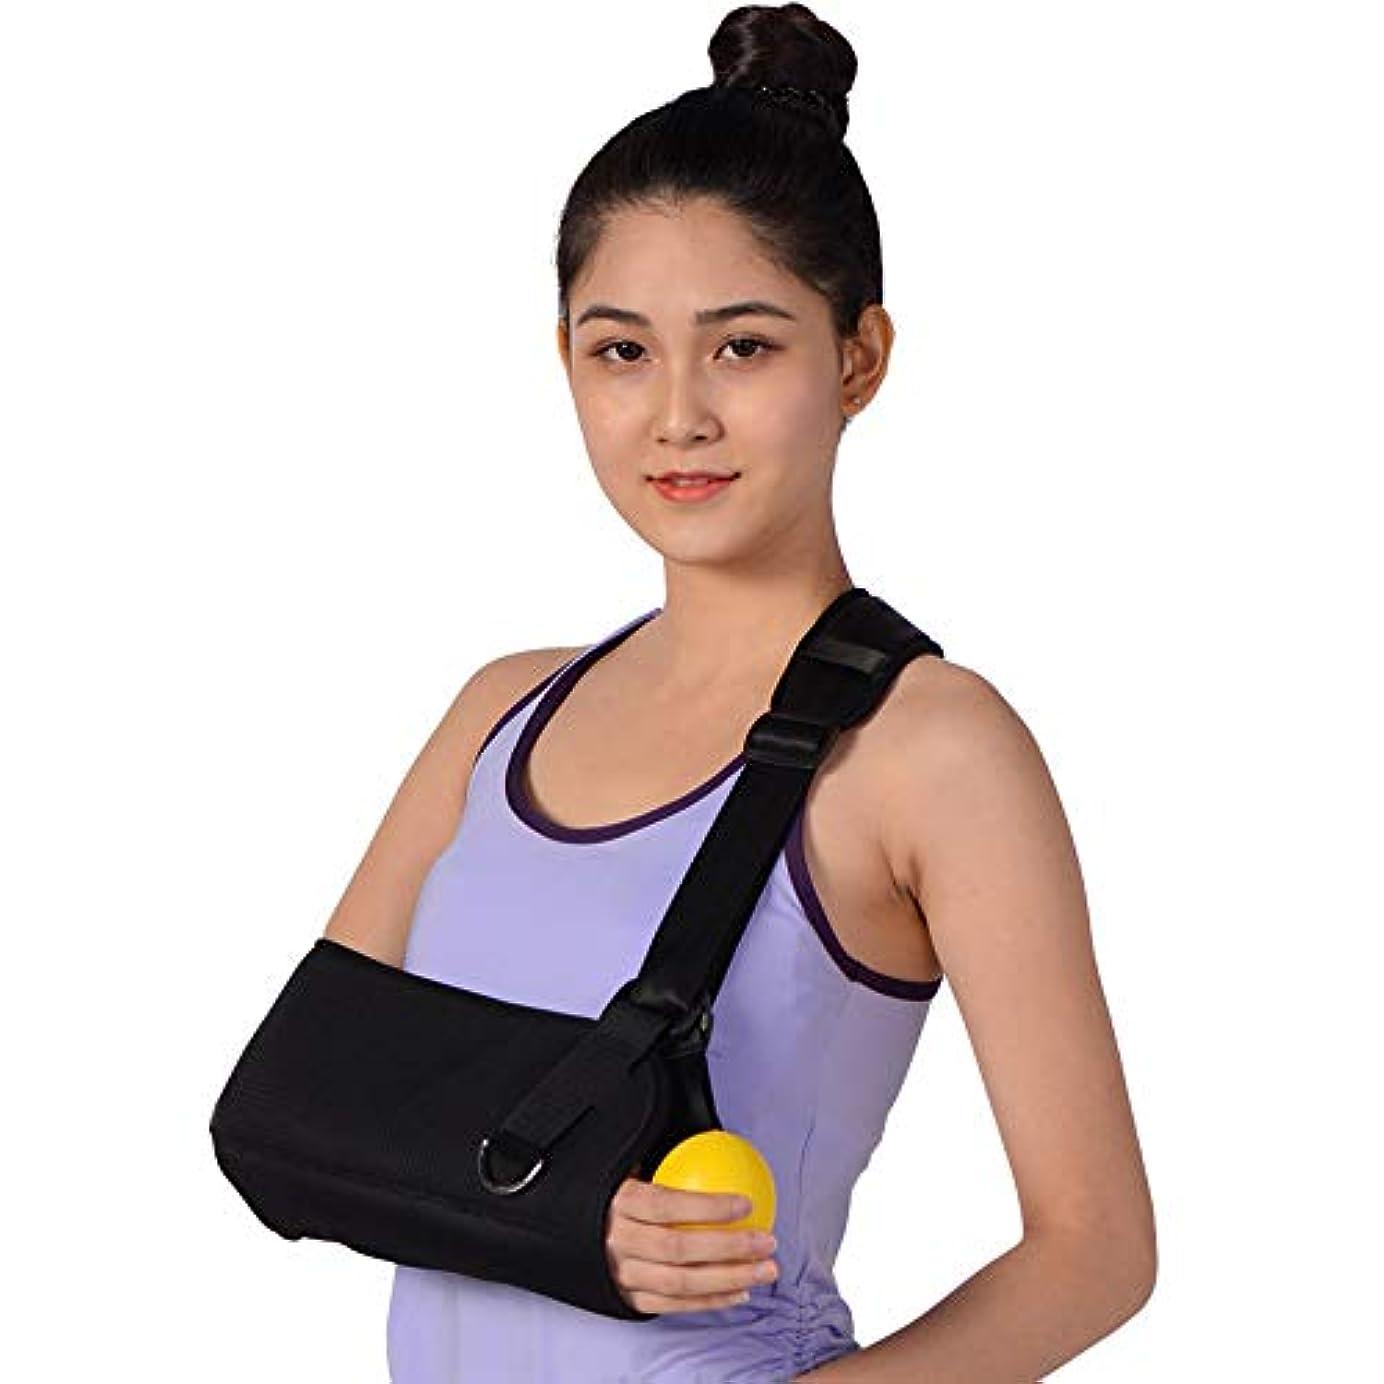 肩外転スリング、怪我サポート用イモビライザー、回旋腱板用痛み緩和アーム枕、サブレキシオン、手術、脱臼、骨折した腕,M